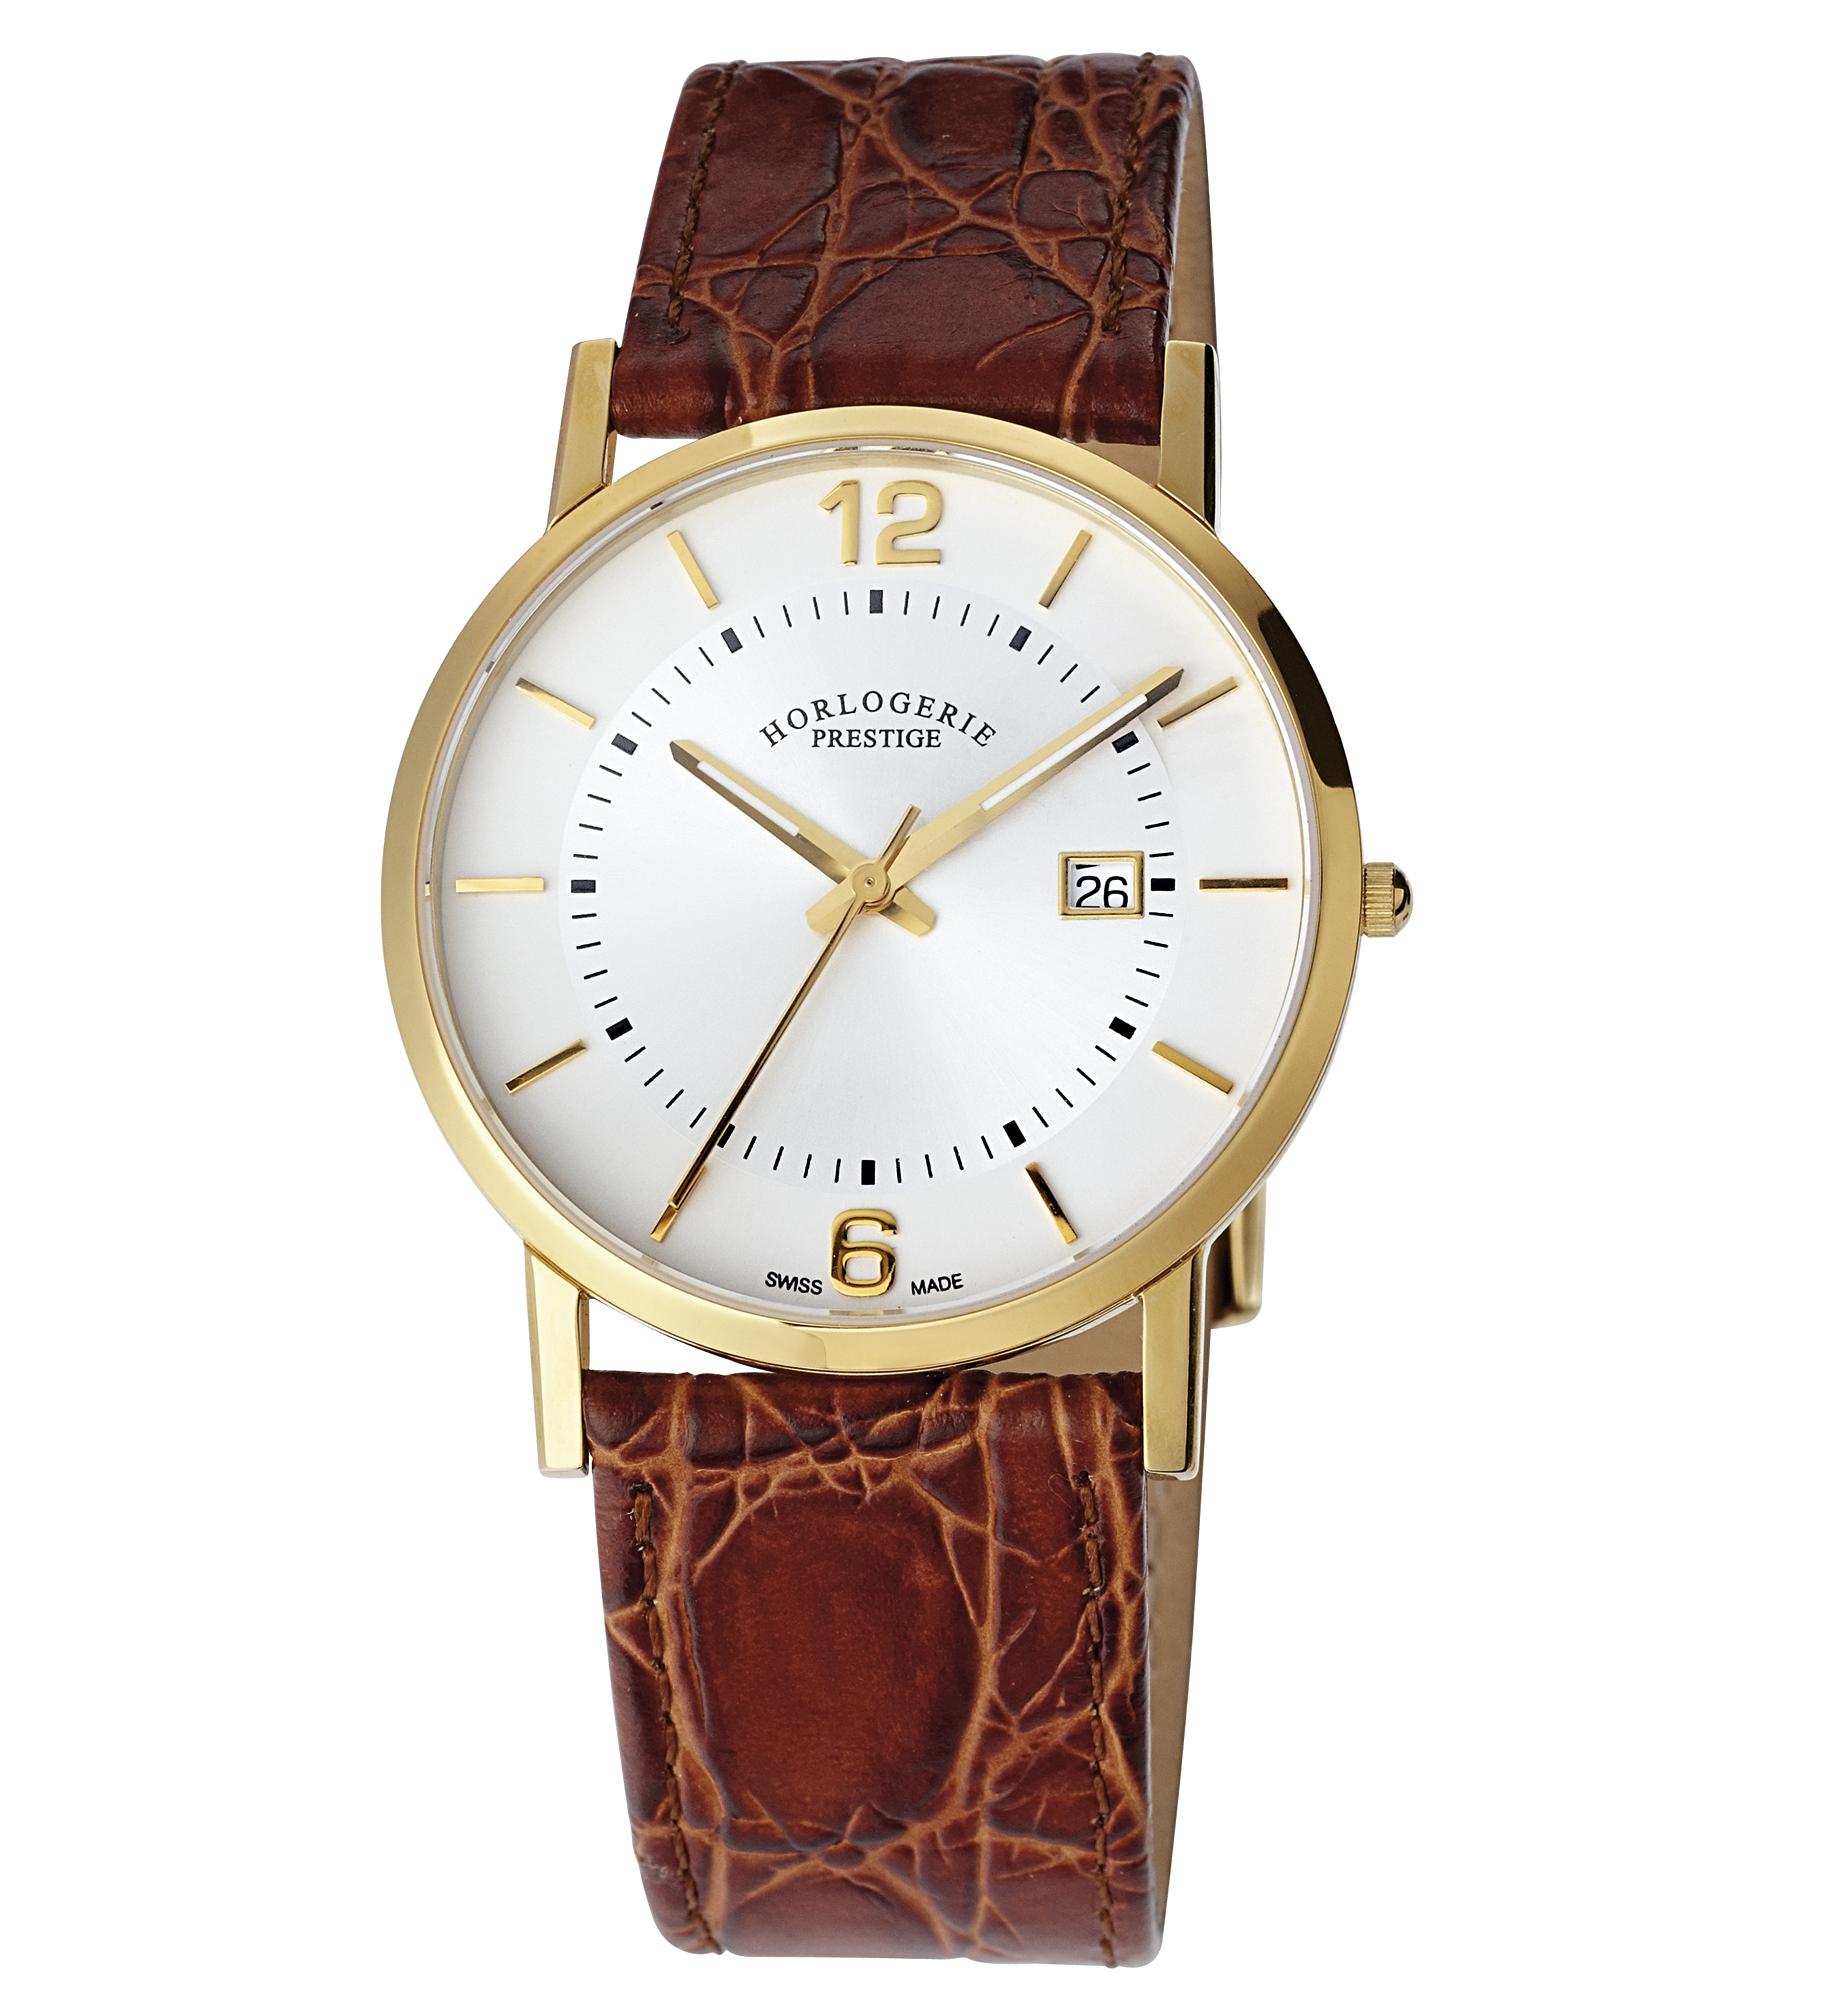 HORLOGERIE PRESTIGE Herren-Quarz-Armbanduhr